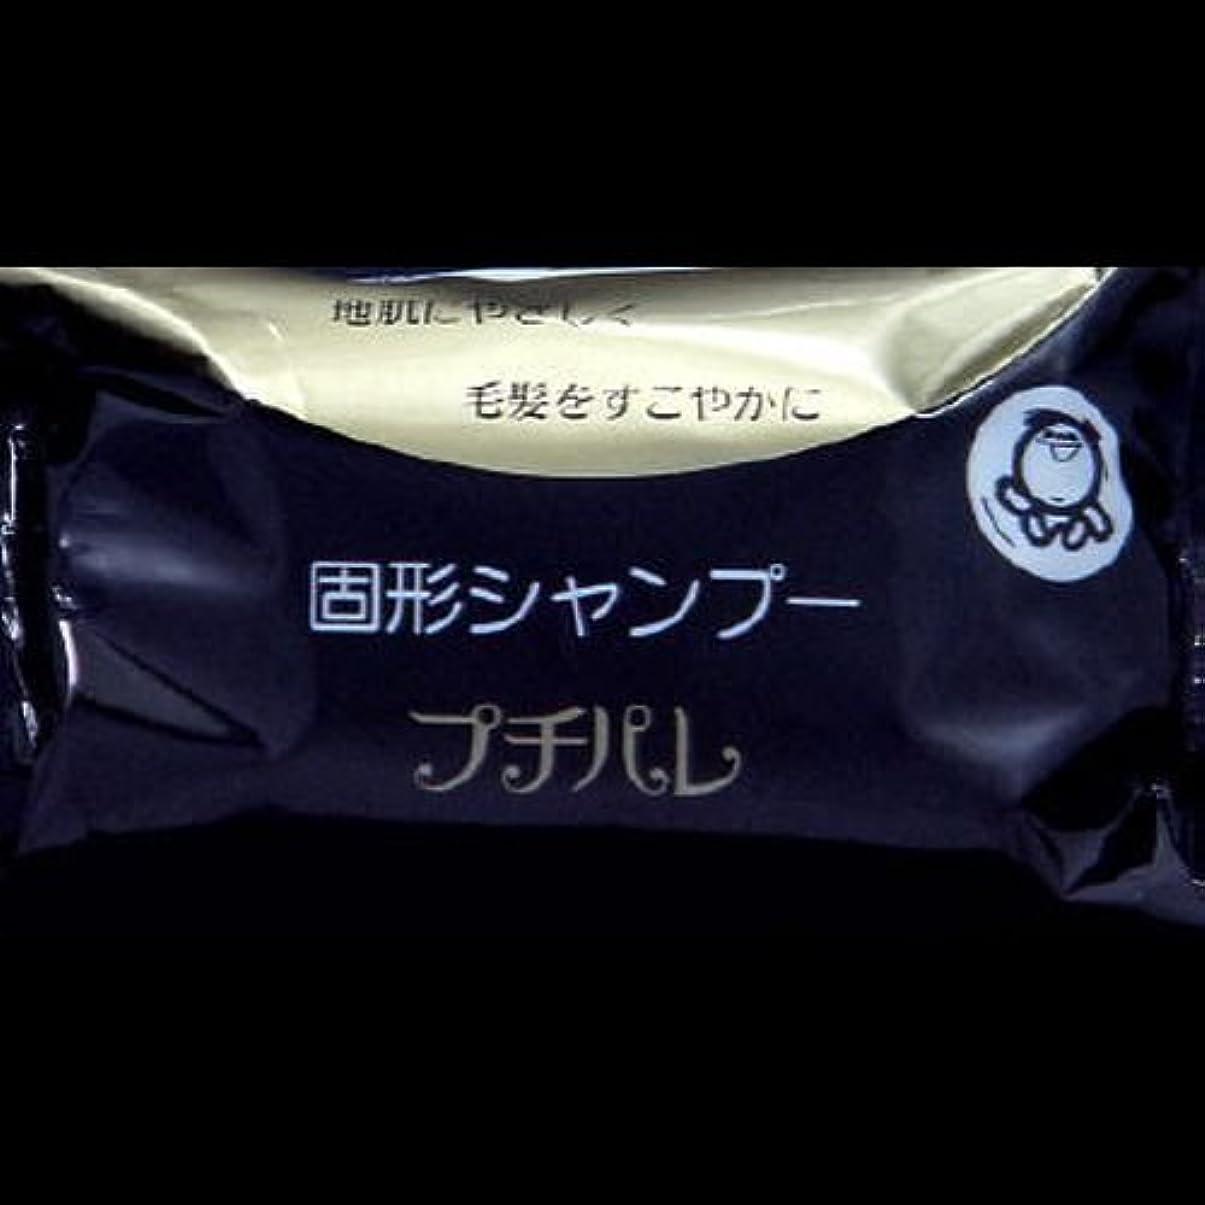 ペナルティ失敗者【まとめ買い】固形シャンプー プチパレ ×2セット